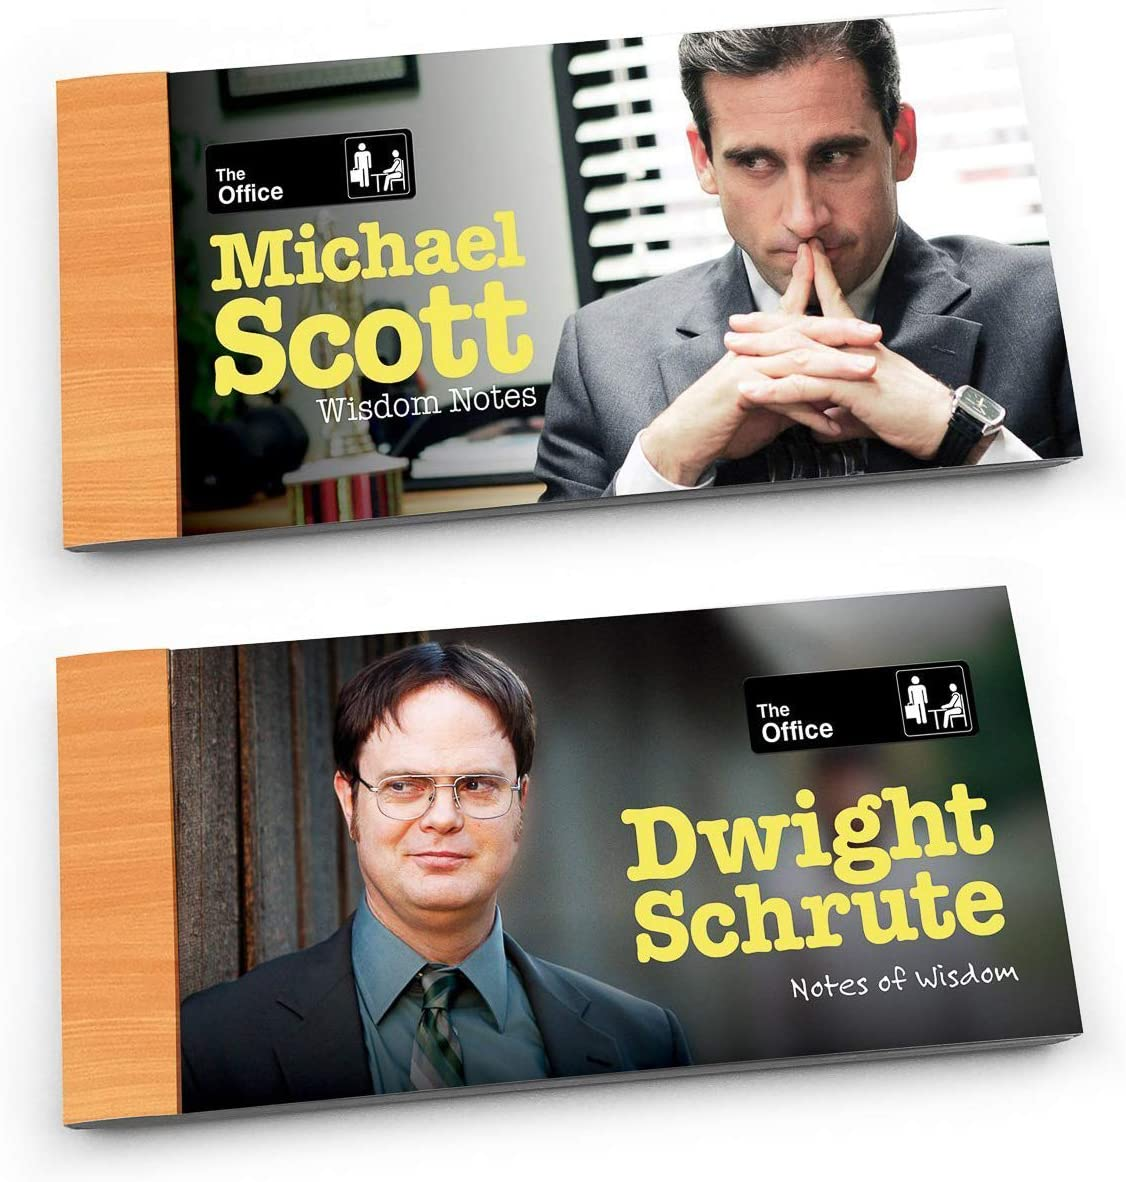 Sabiduría Notas de la Oficina - Dwight y Michael 2-PACK (Entrega de 3 a 4 semanas una vez realizado el pago)